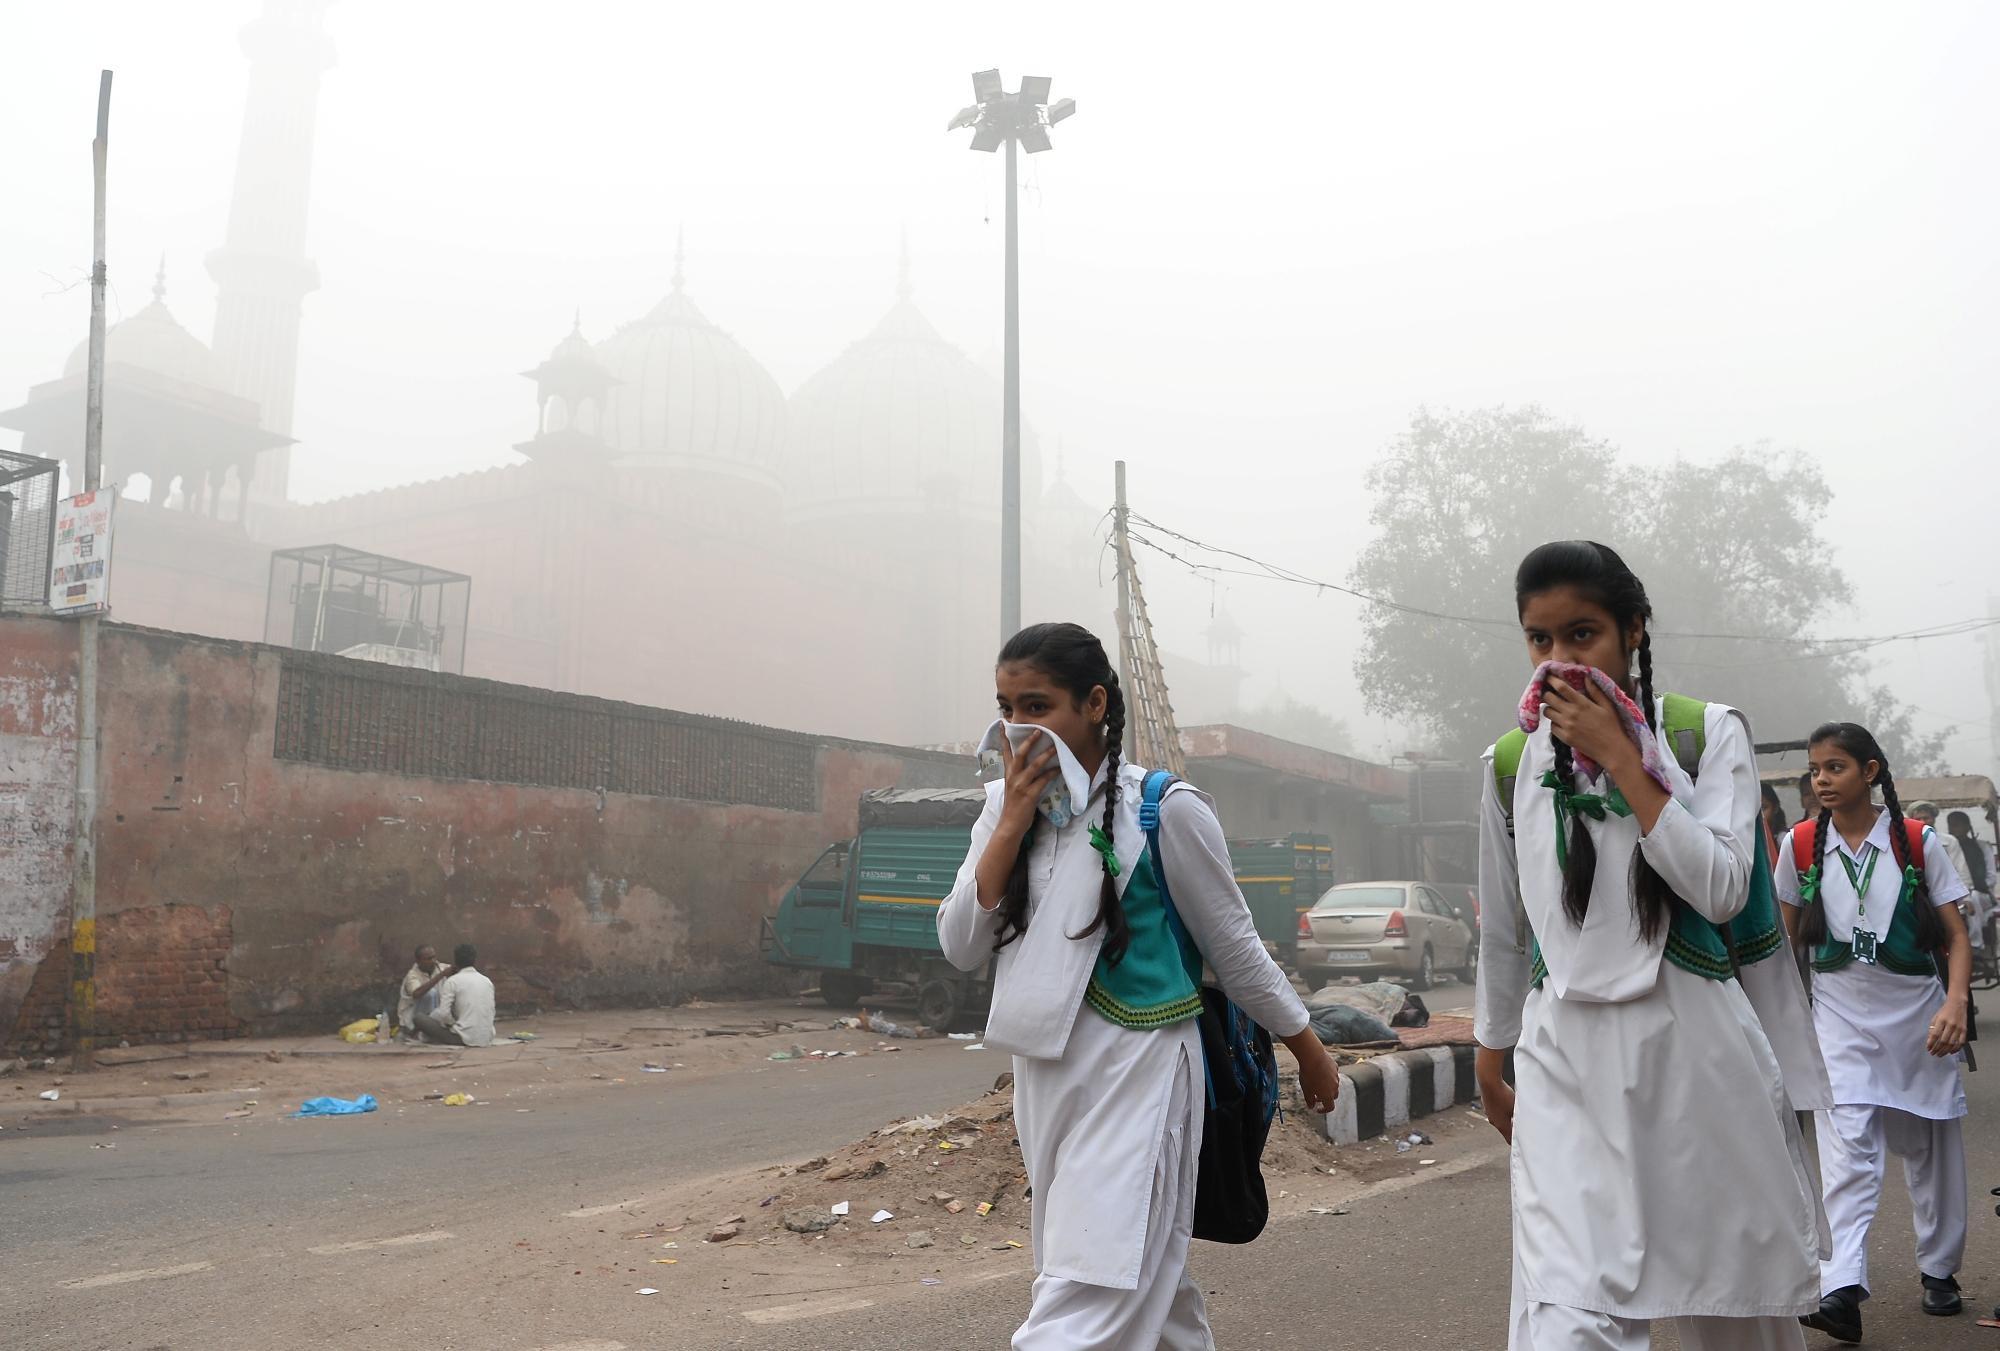 L India soffoca: a Nuova Delhi inquinamento 70 volte oltre la soglia di pericolo